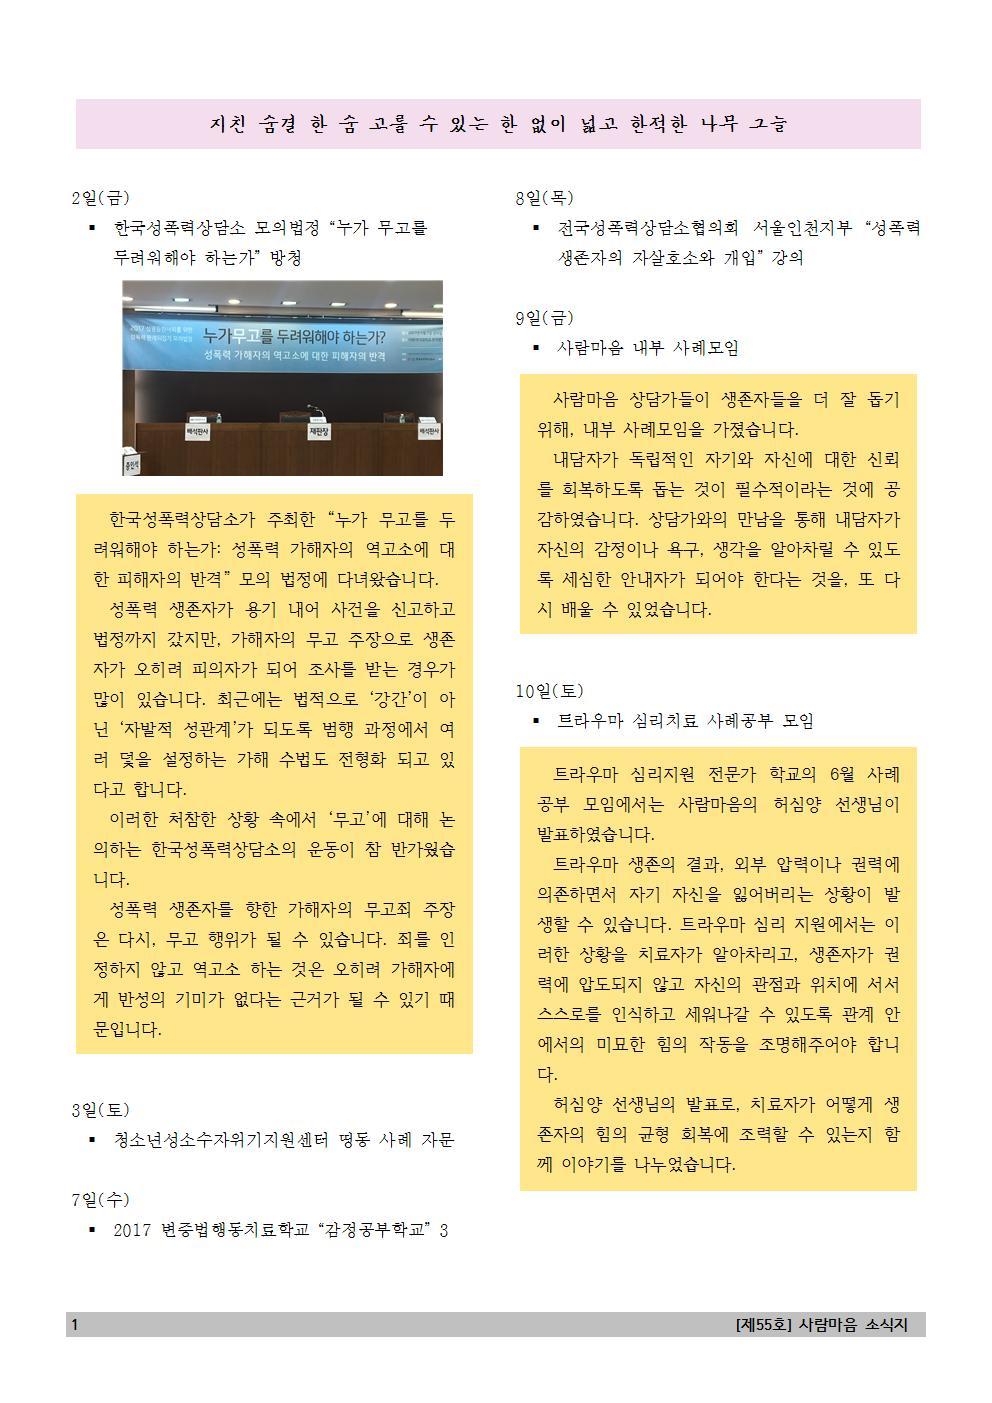 201707_55th_news letter (2).jpg